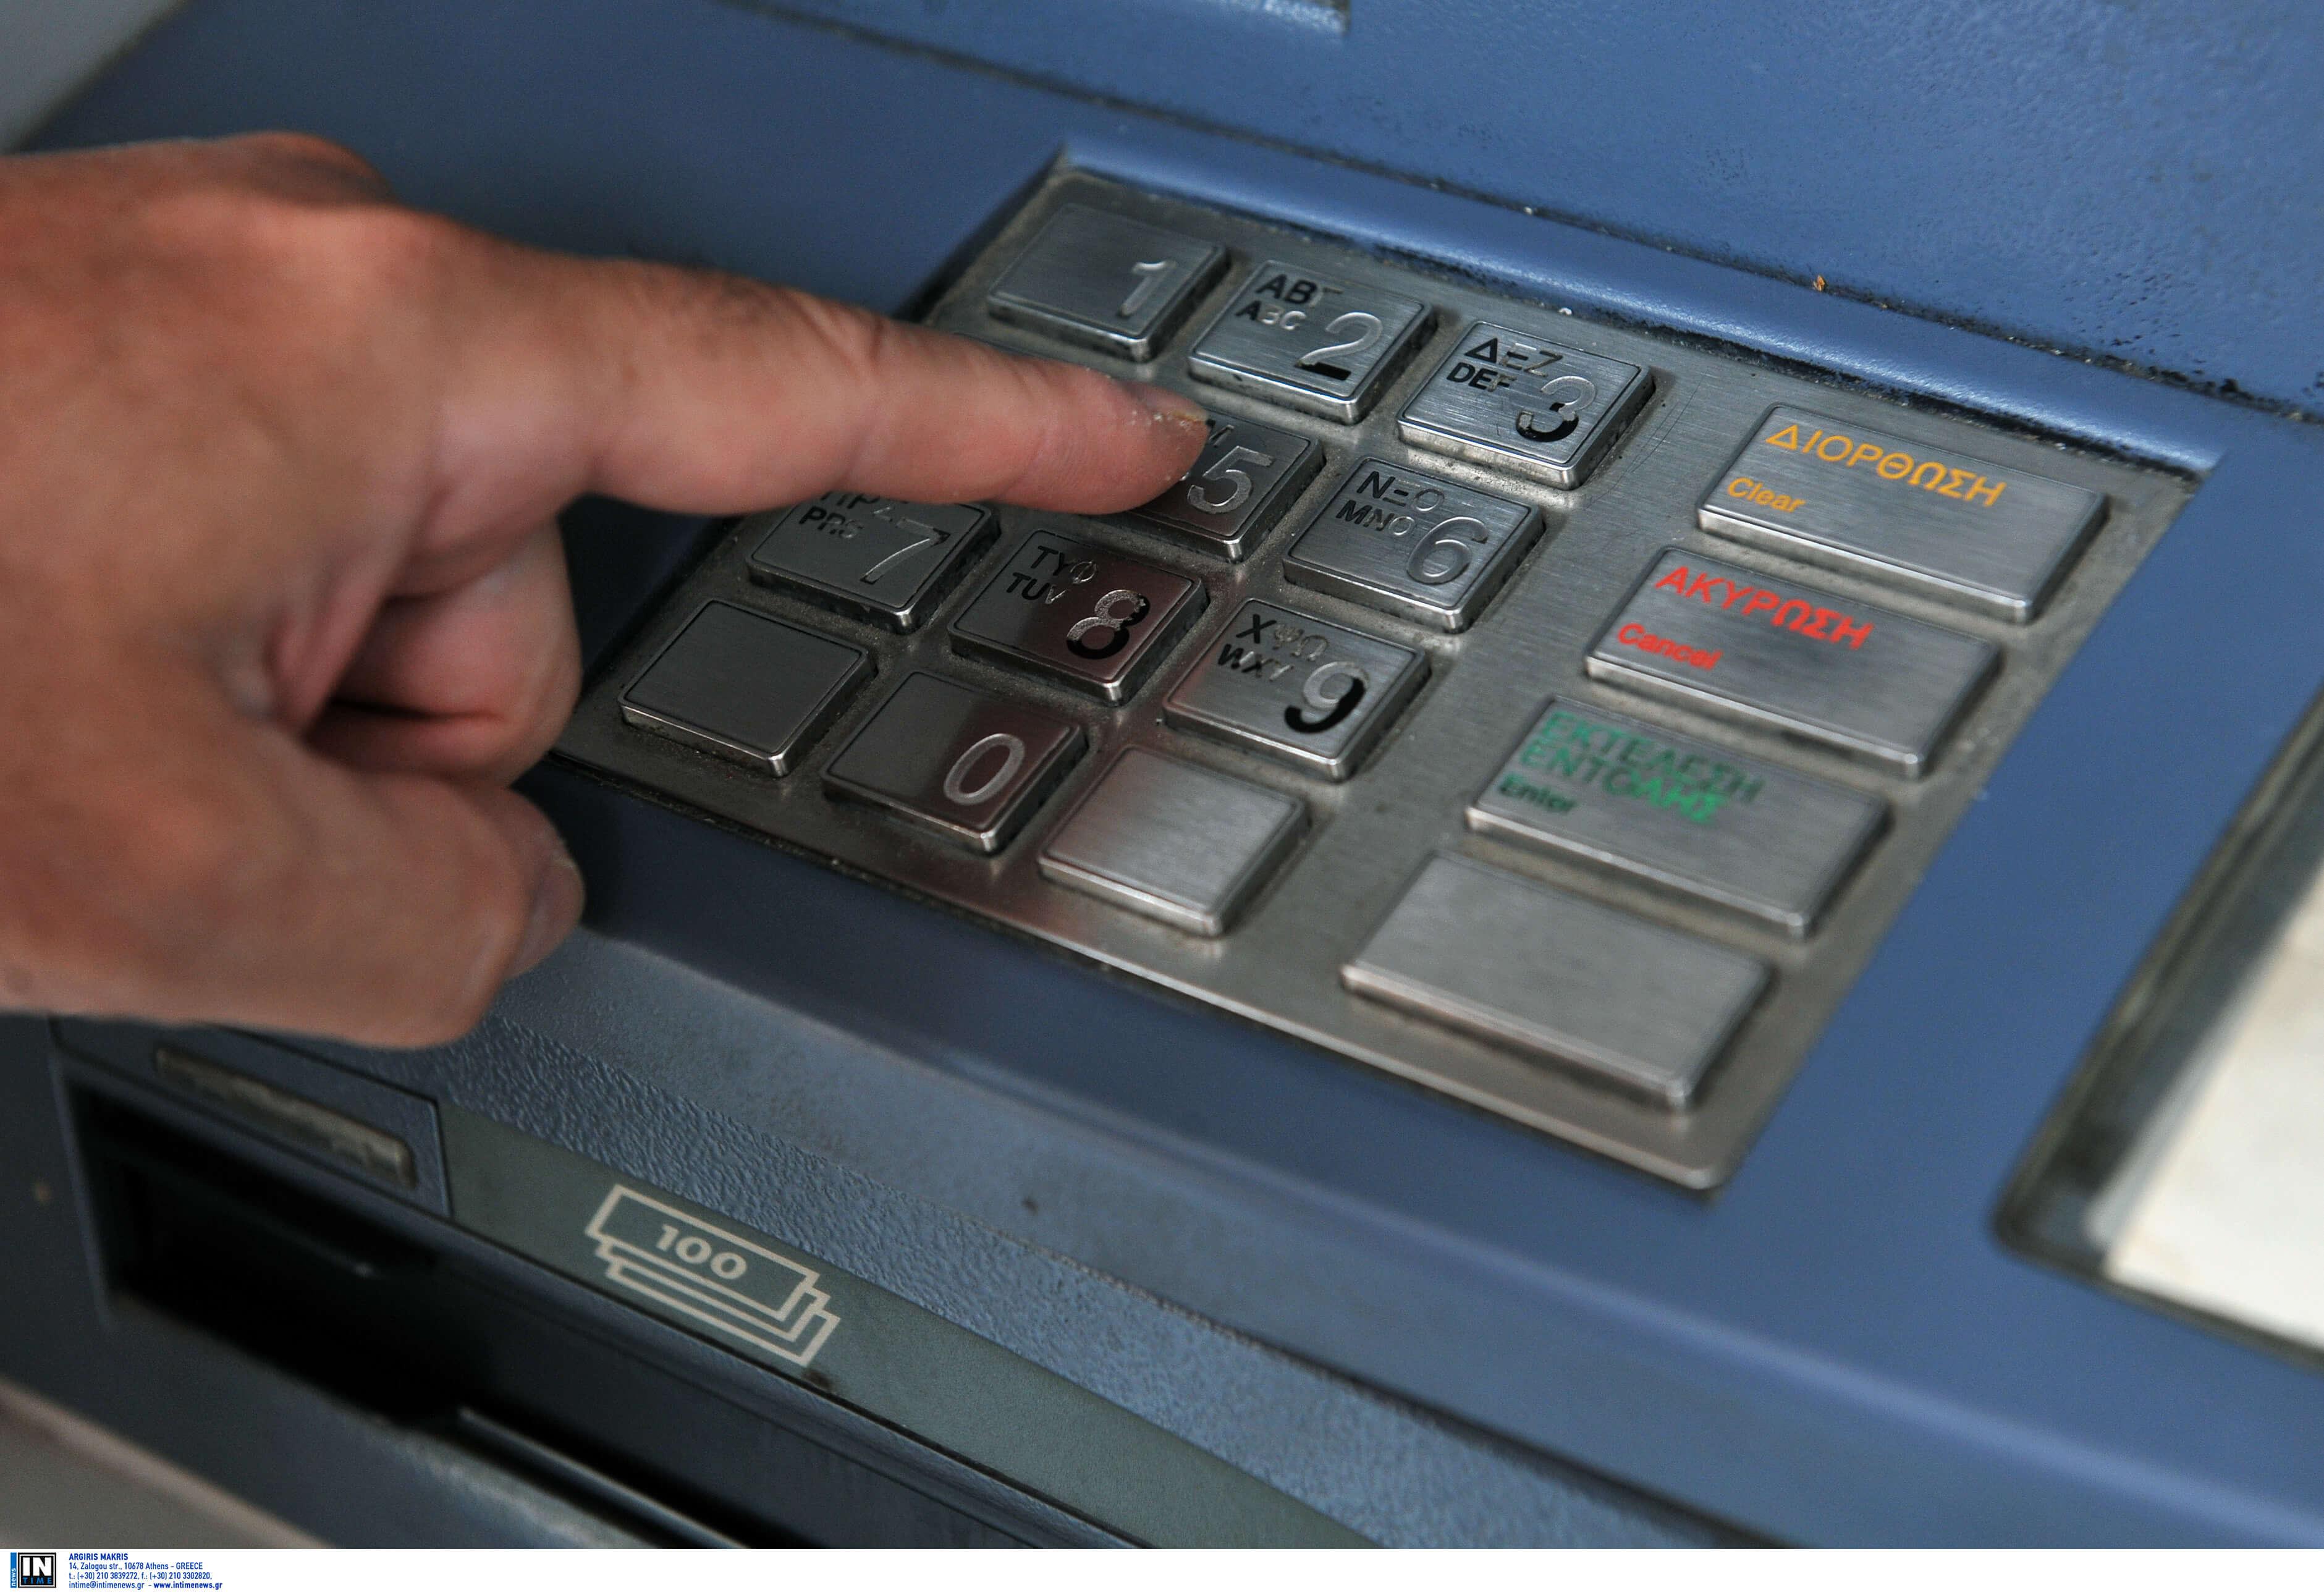 Πάτρα: Ο τυπικός υπάλληλος βρήκε τον τρόπο να αυξήσει τις τραπεζικές του καταθέσεις – Έτσι έβαζε χέρι στο ταμείο!